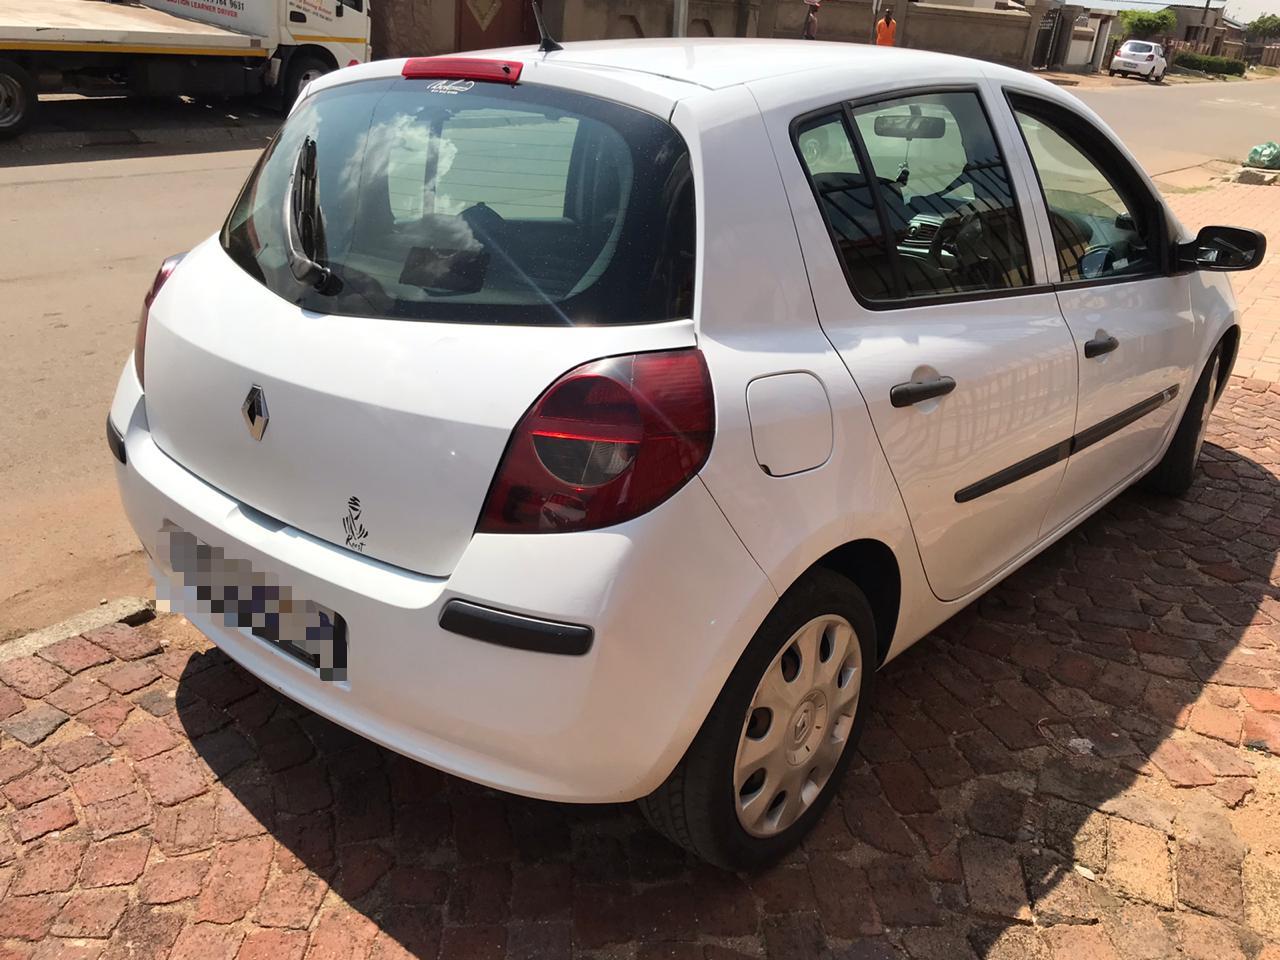 2007 Renault Clio 1.6 Dynamique 5 door